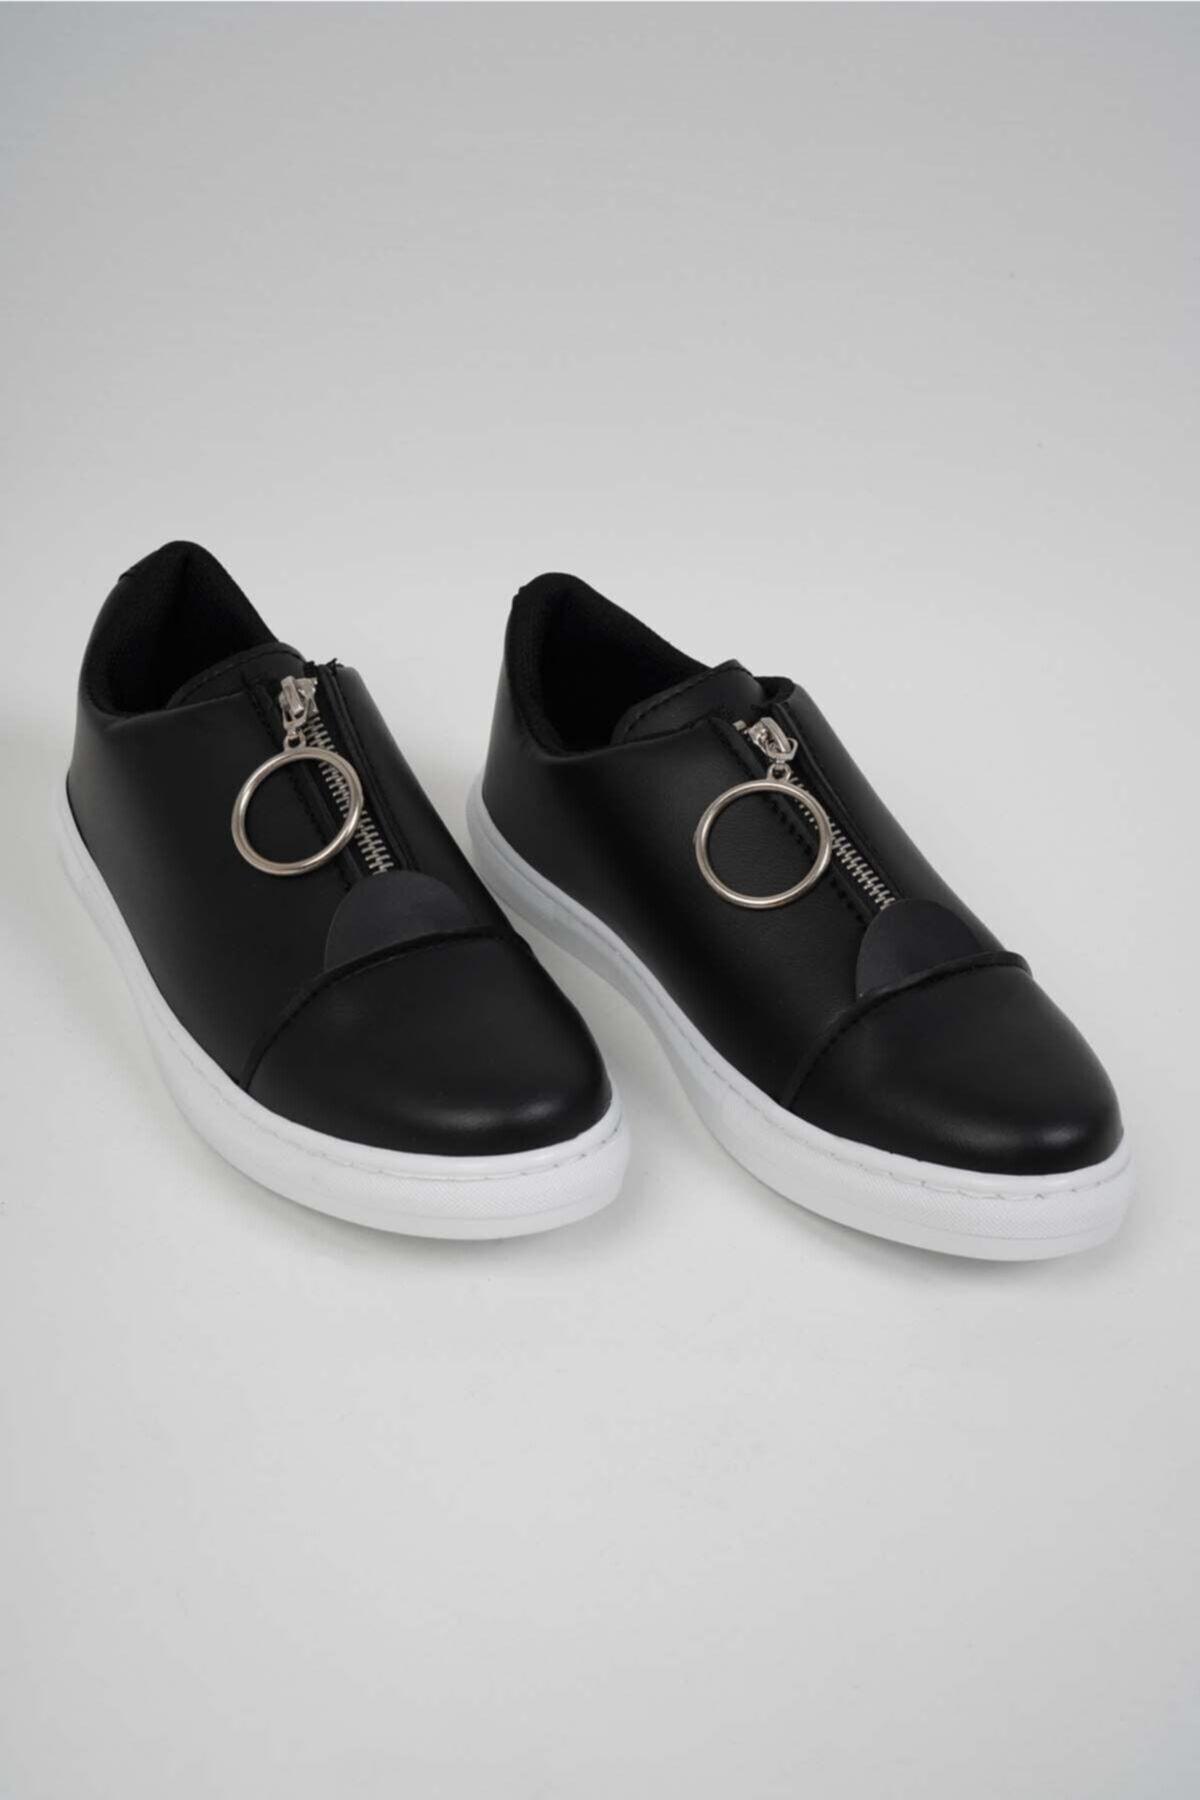 KÖSE AYAKKABI Kadın Siyah Önden Fermuarlı Ayakkabı 1